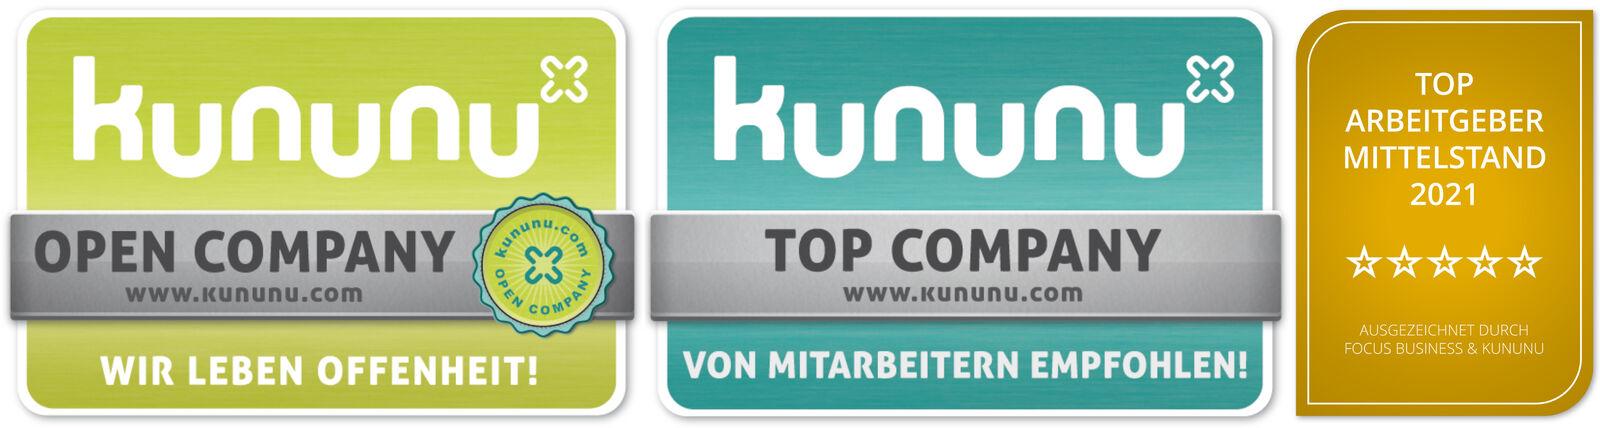 Baujurist (m(w/d) für die Prüfung von Bauverträgen - Job Berlin - HGHI-Stellenportal